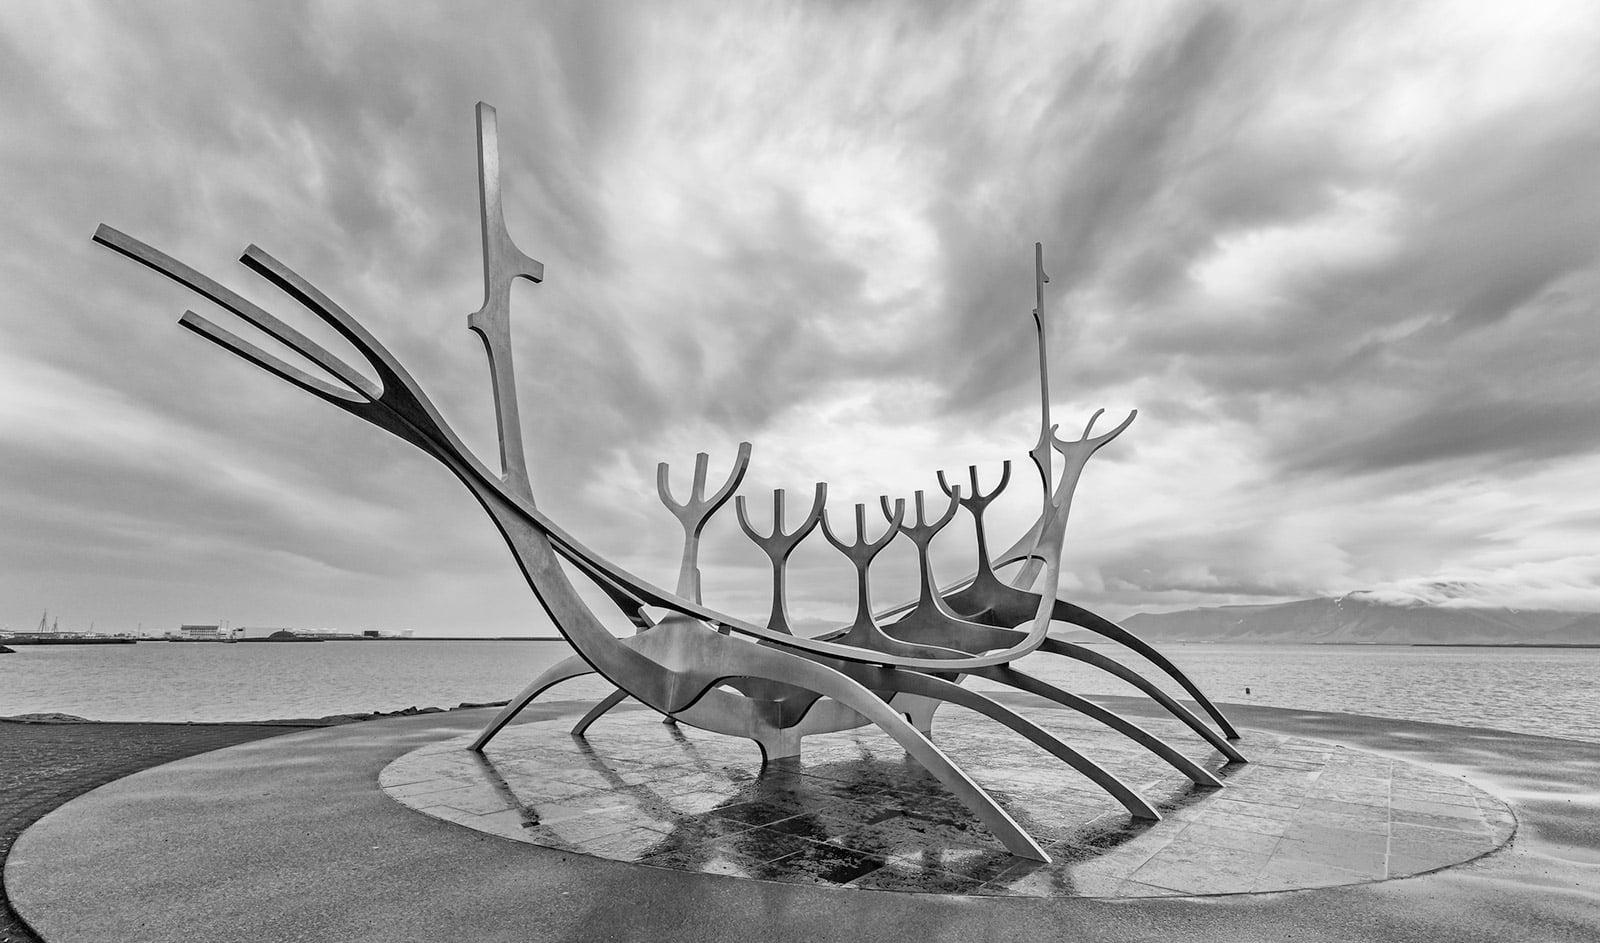 Vikings in Iceland sculpture